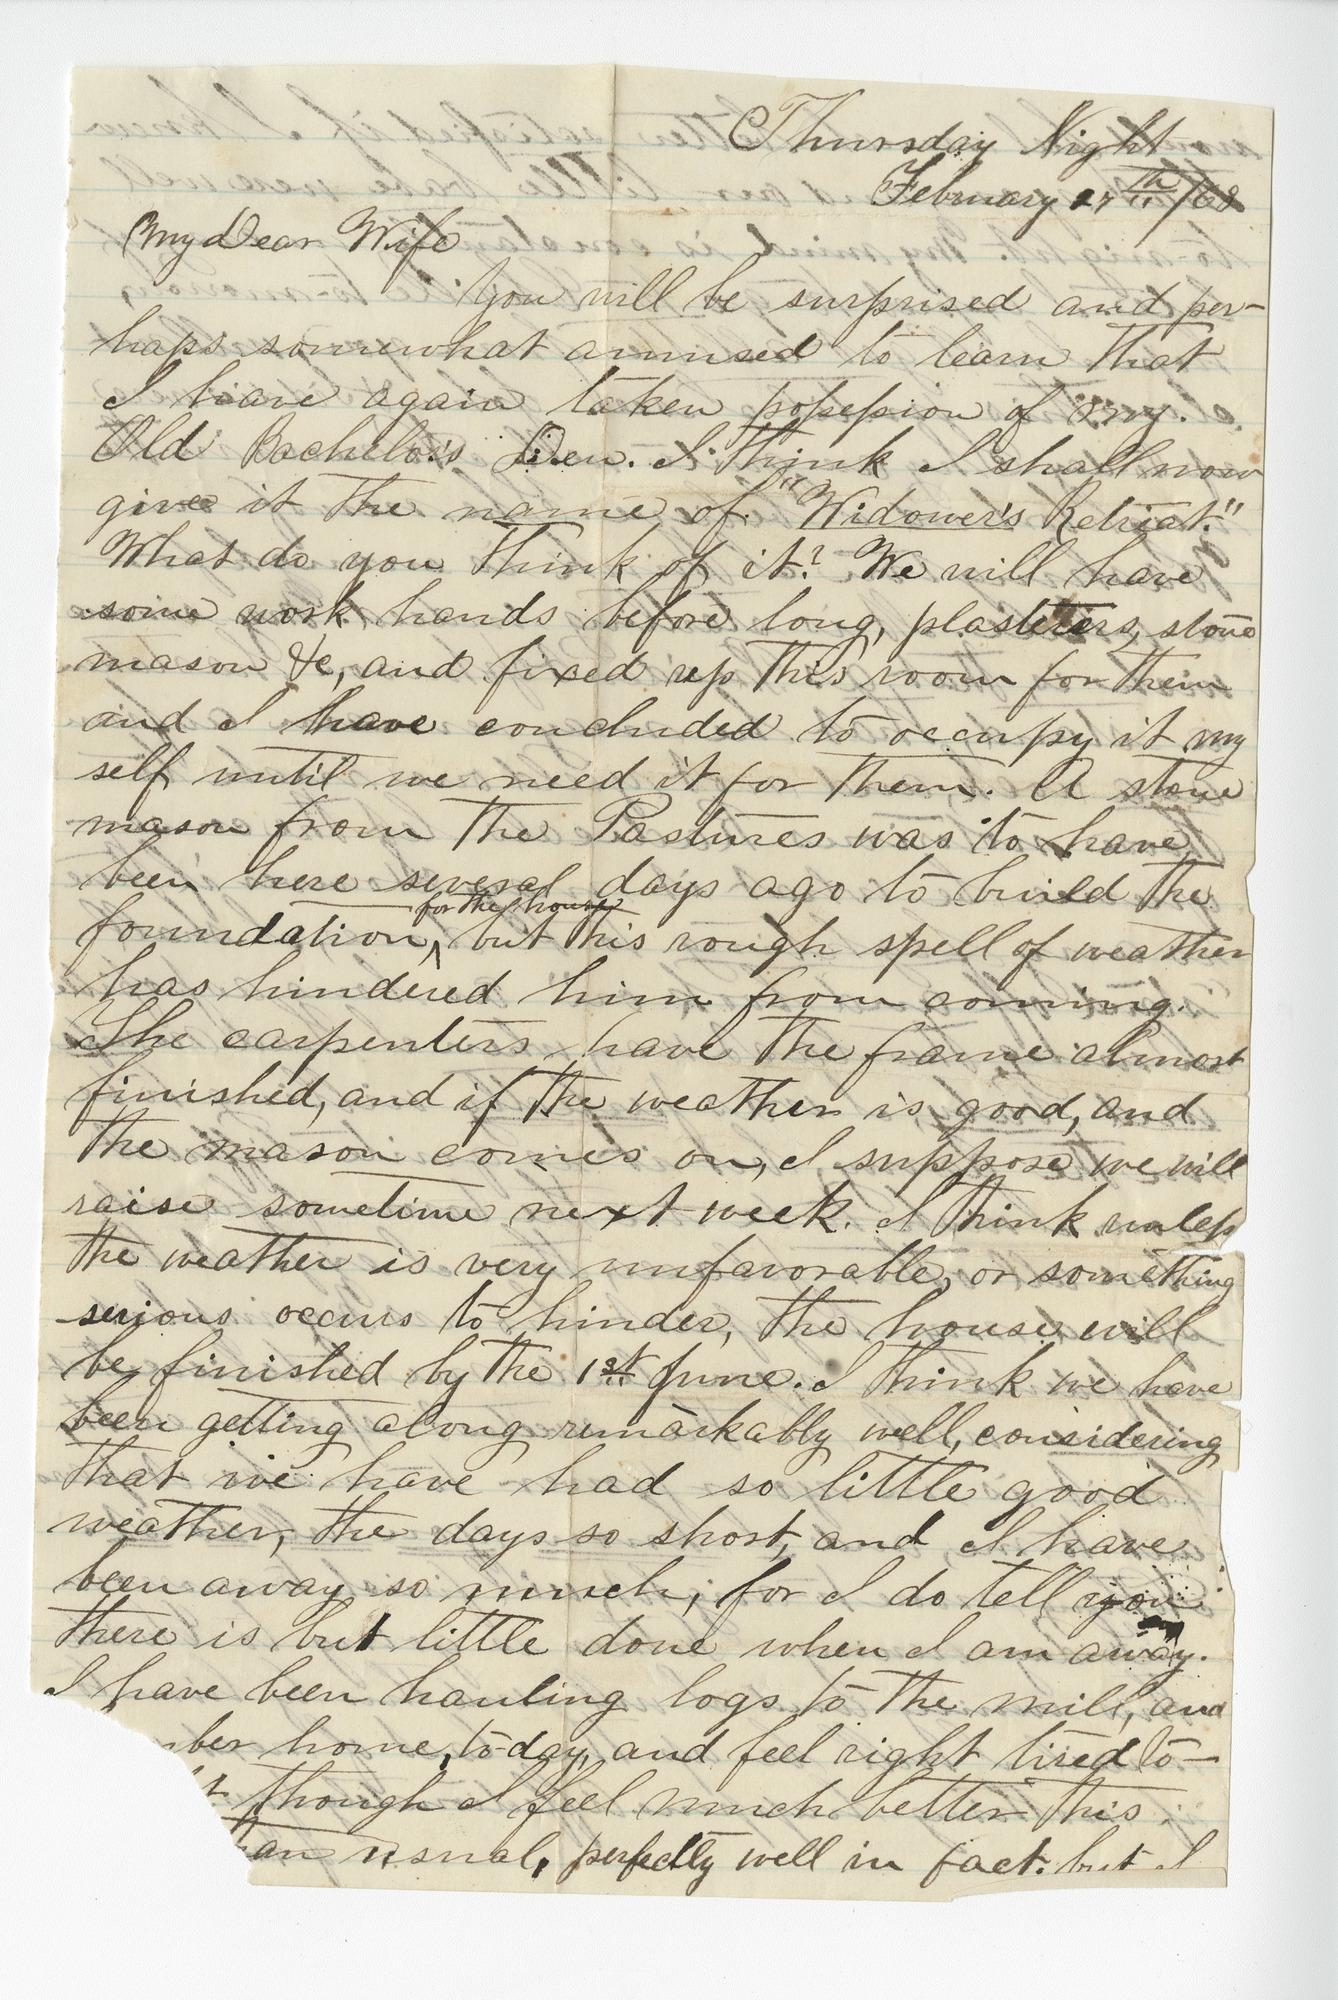 Ms2016-013_HeizerJames_Letter_1868_0227a.jpg